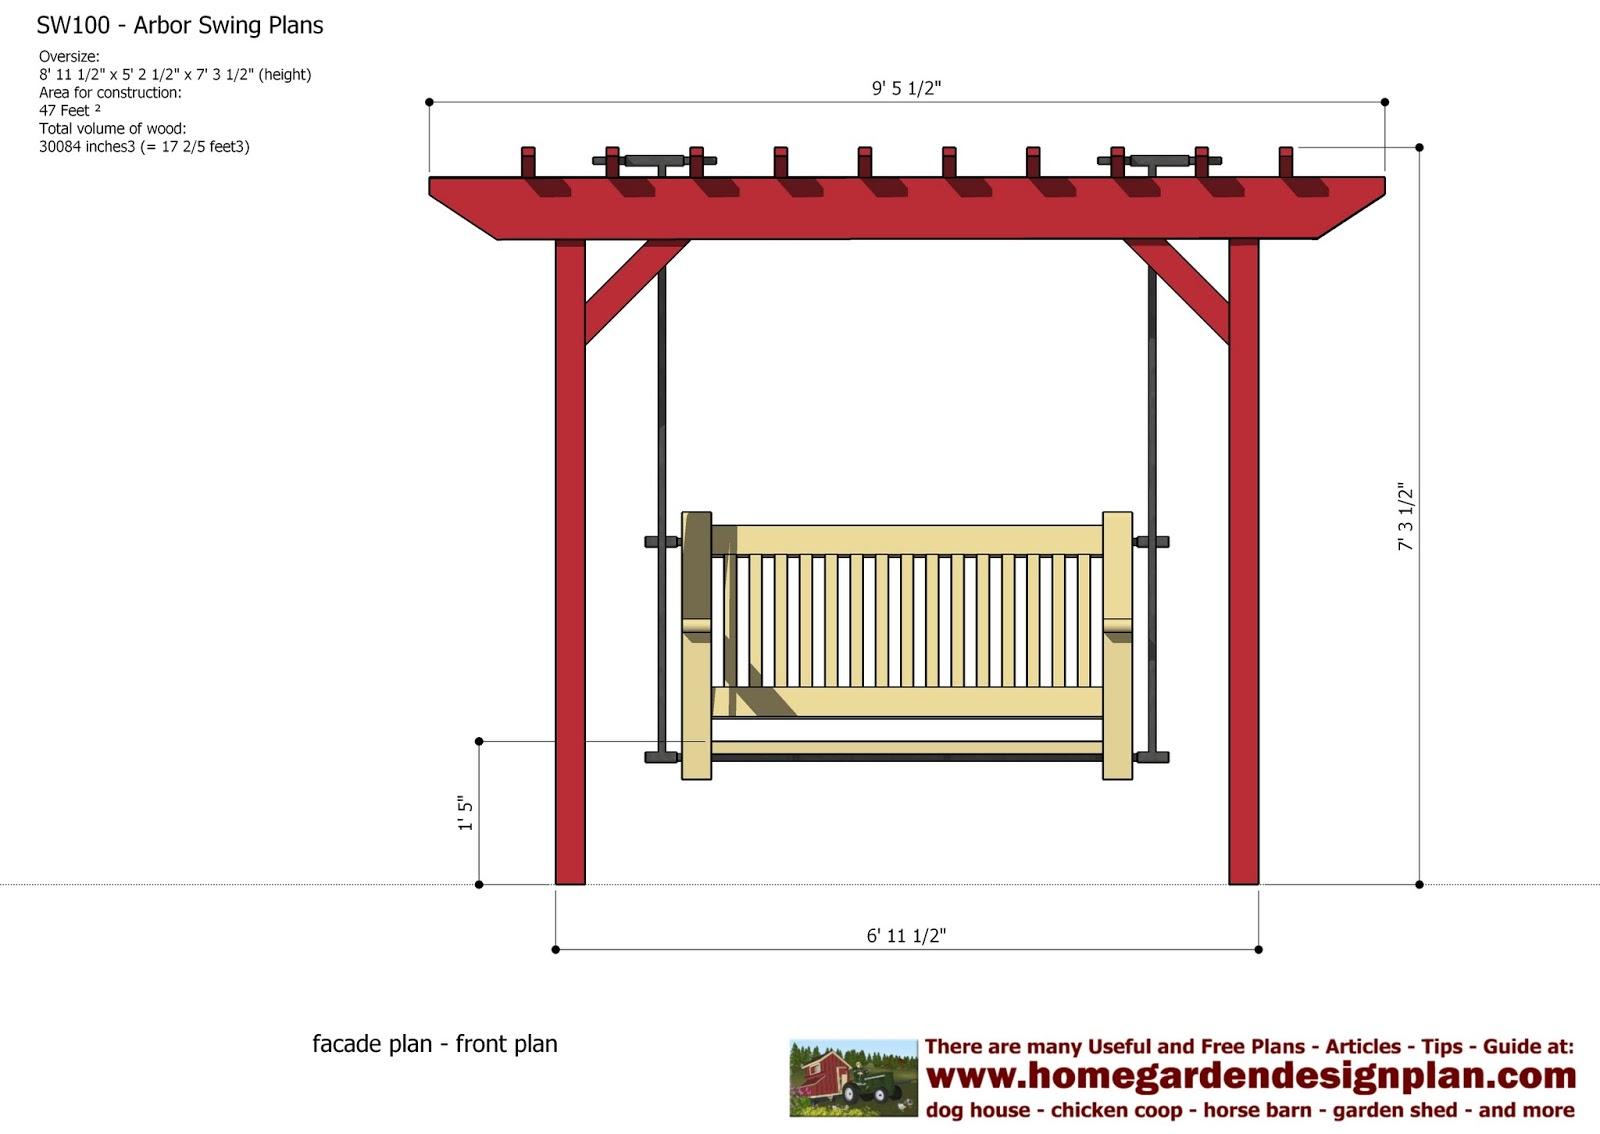 Swing Chair Plan Office Desk Floor Mats Home Garden Plans Sw100 Arbor